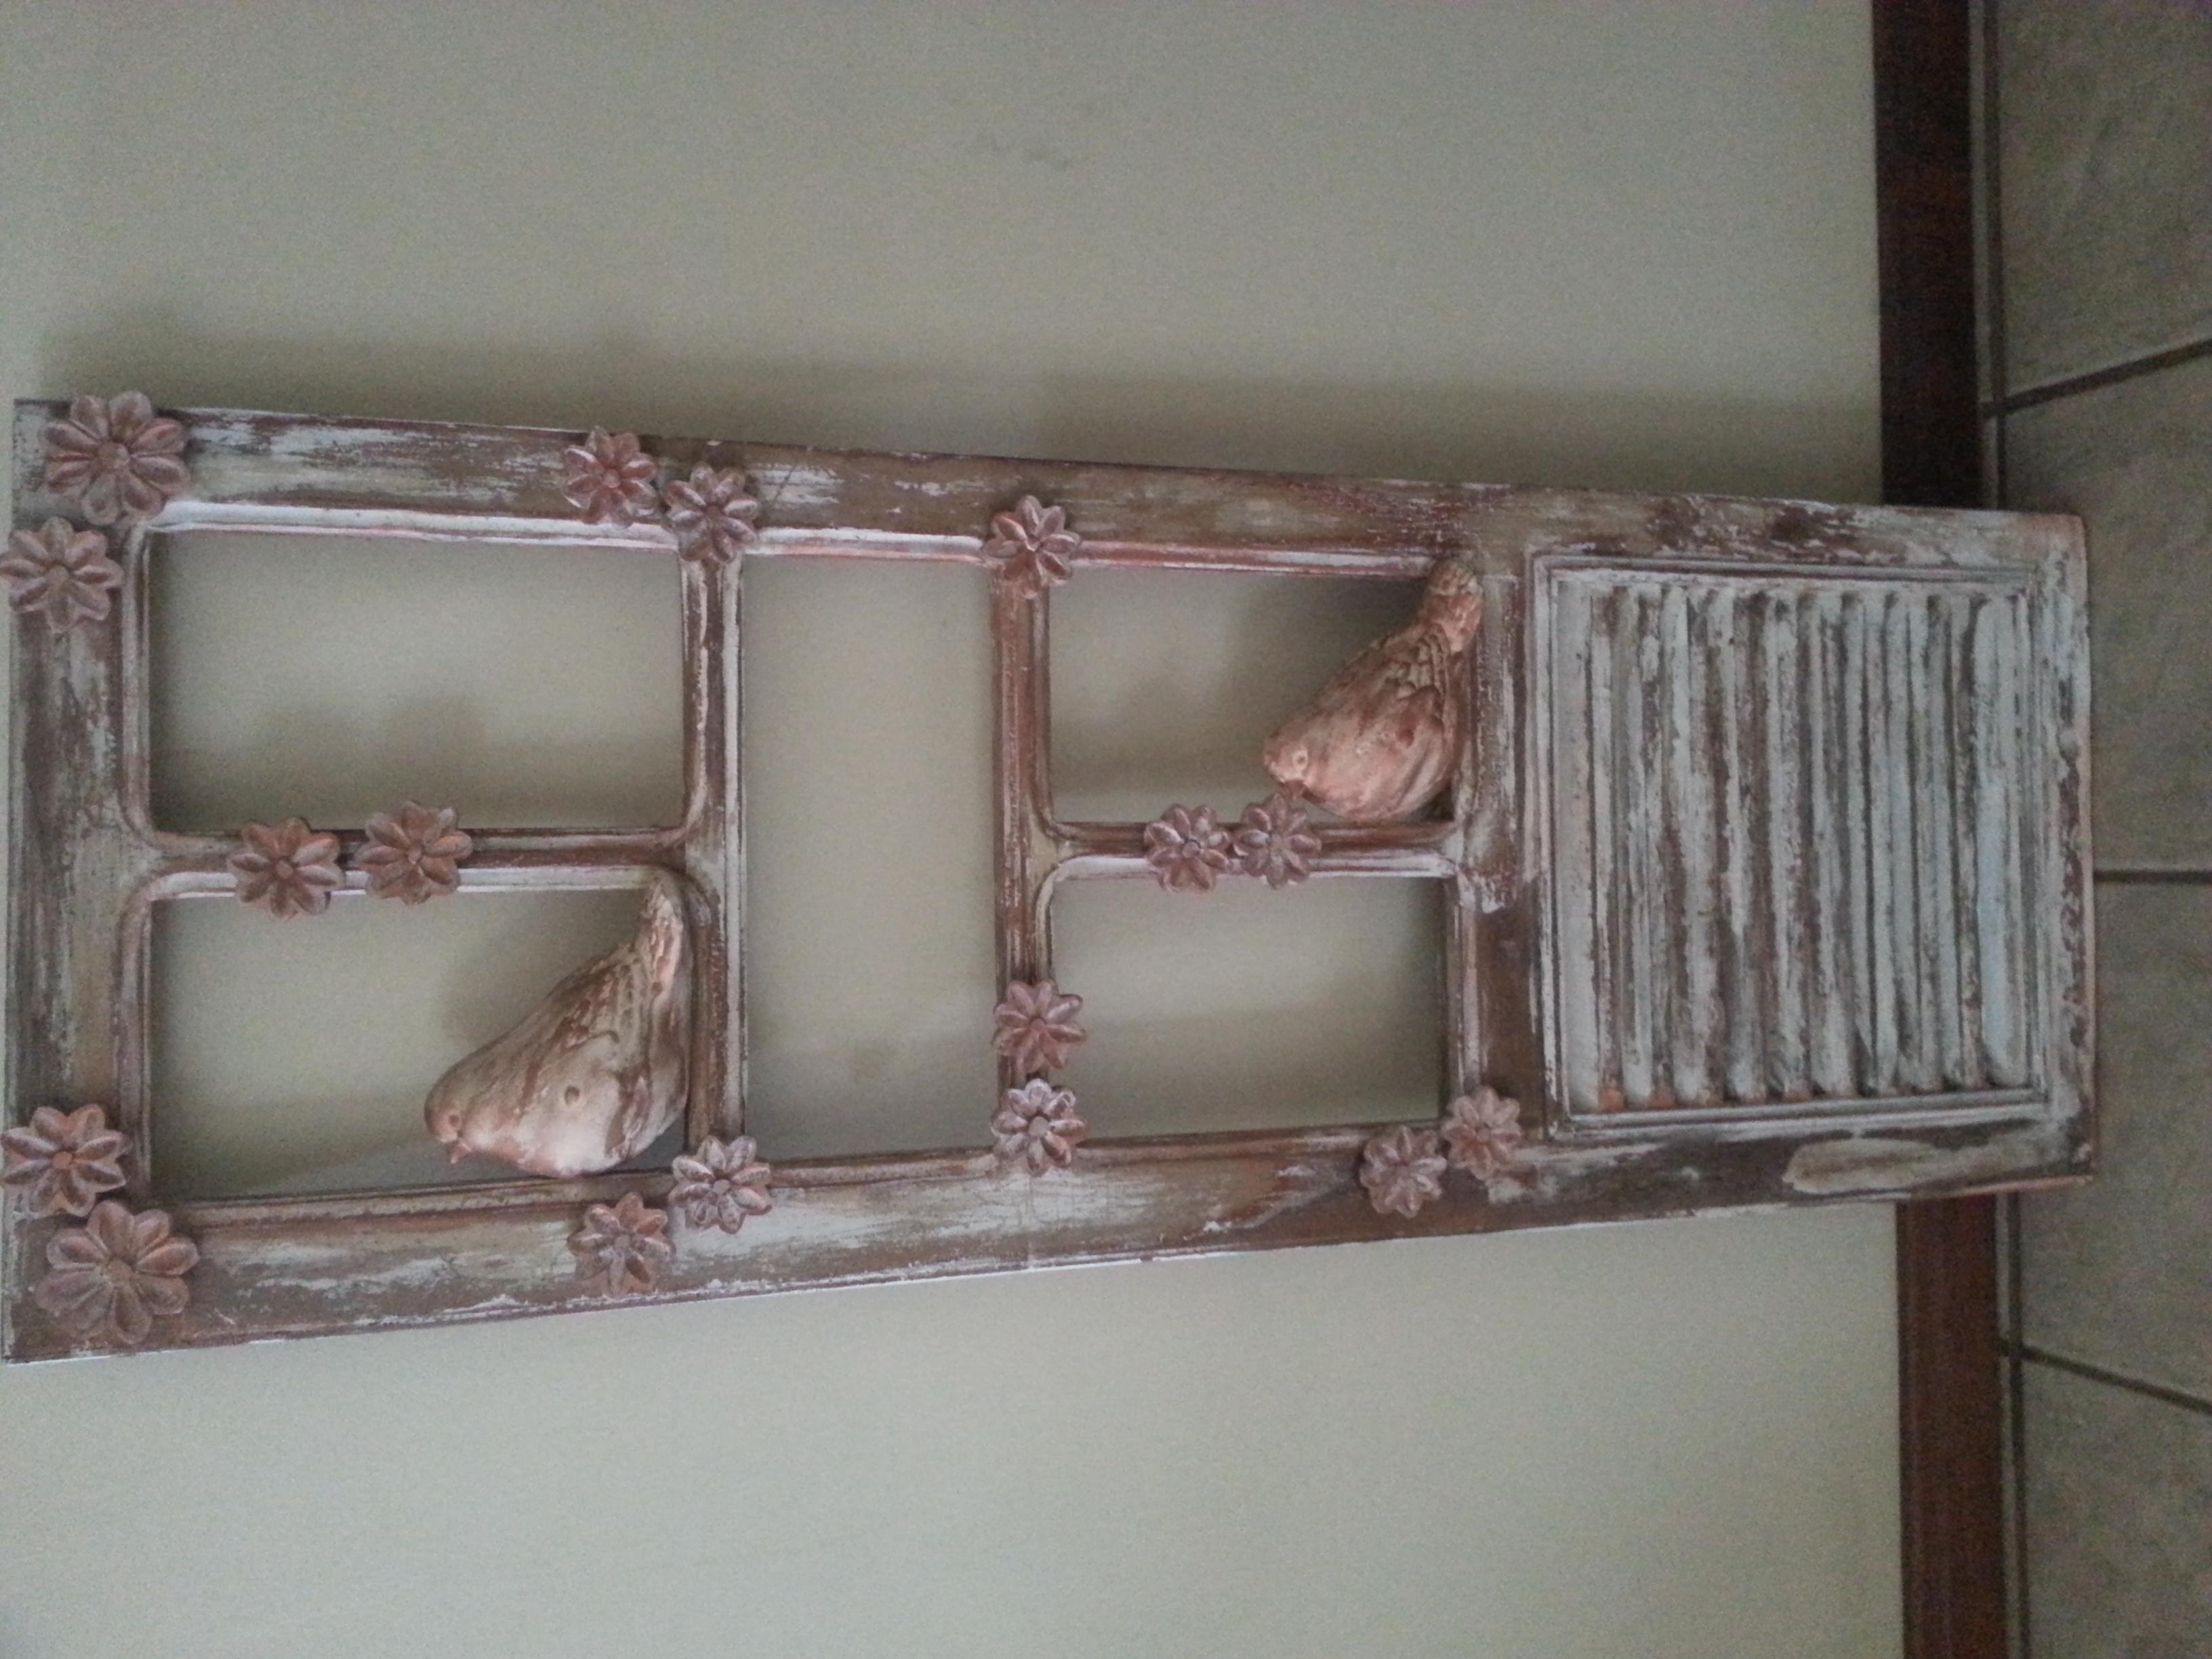 janela antiga demolicao retrato espelho madeira janela antiga  #755A56 3264x2448